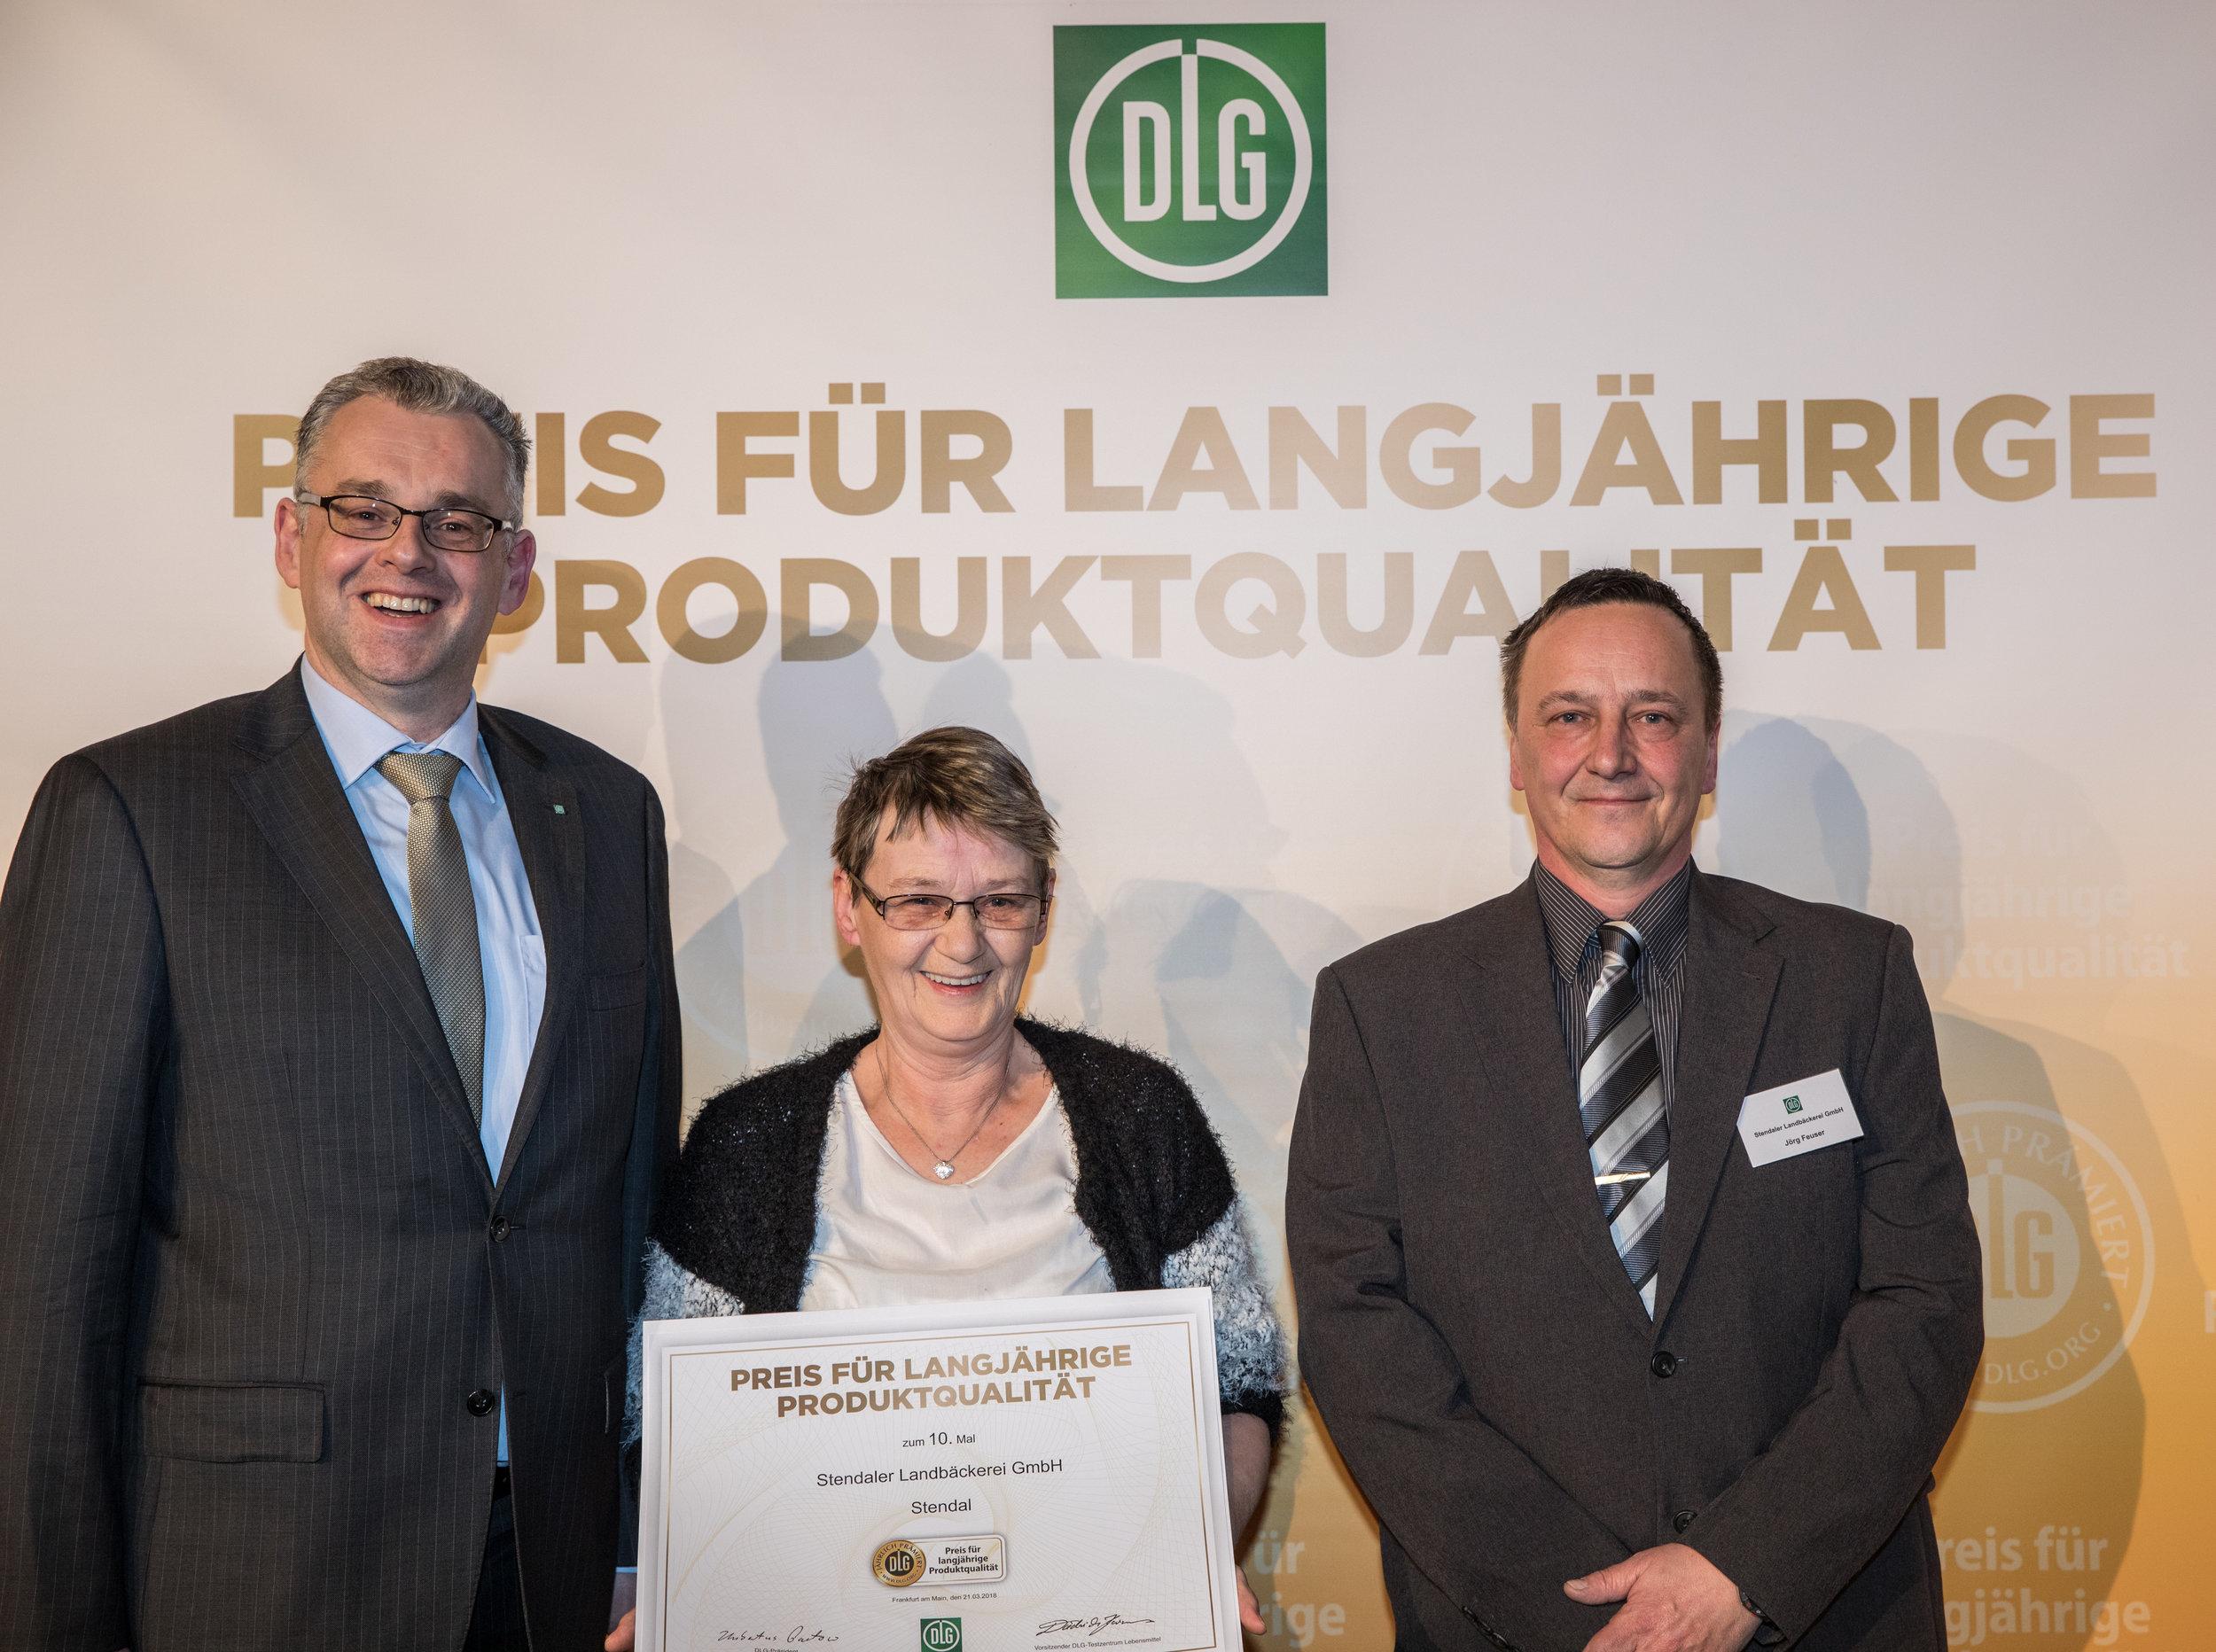 """- DLG-Vizepräsident Dr. Diedrich Harms (links) überreichte den """"Preis für langjährige Produktqualität"""" an die Produktionsleiter Jörg Feurer und Renate Heiden."""